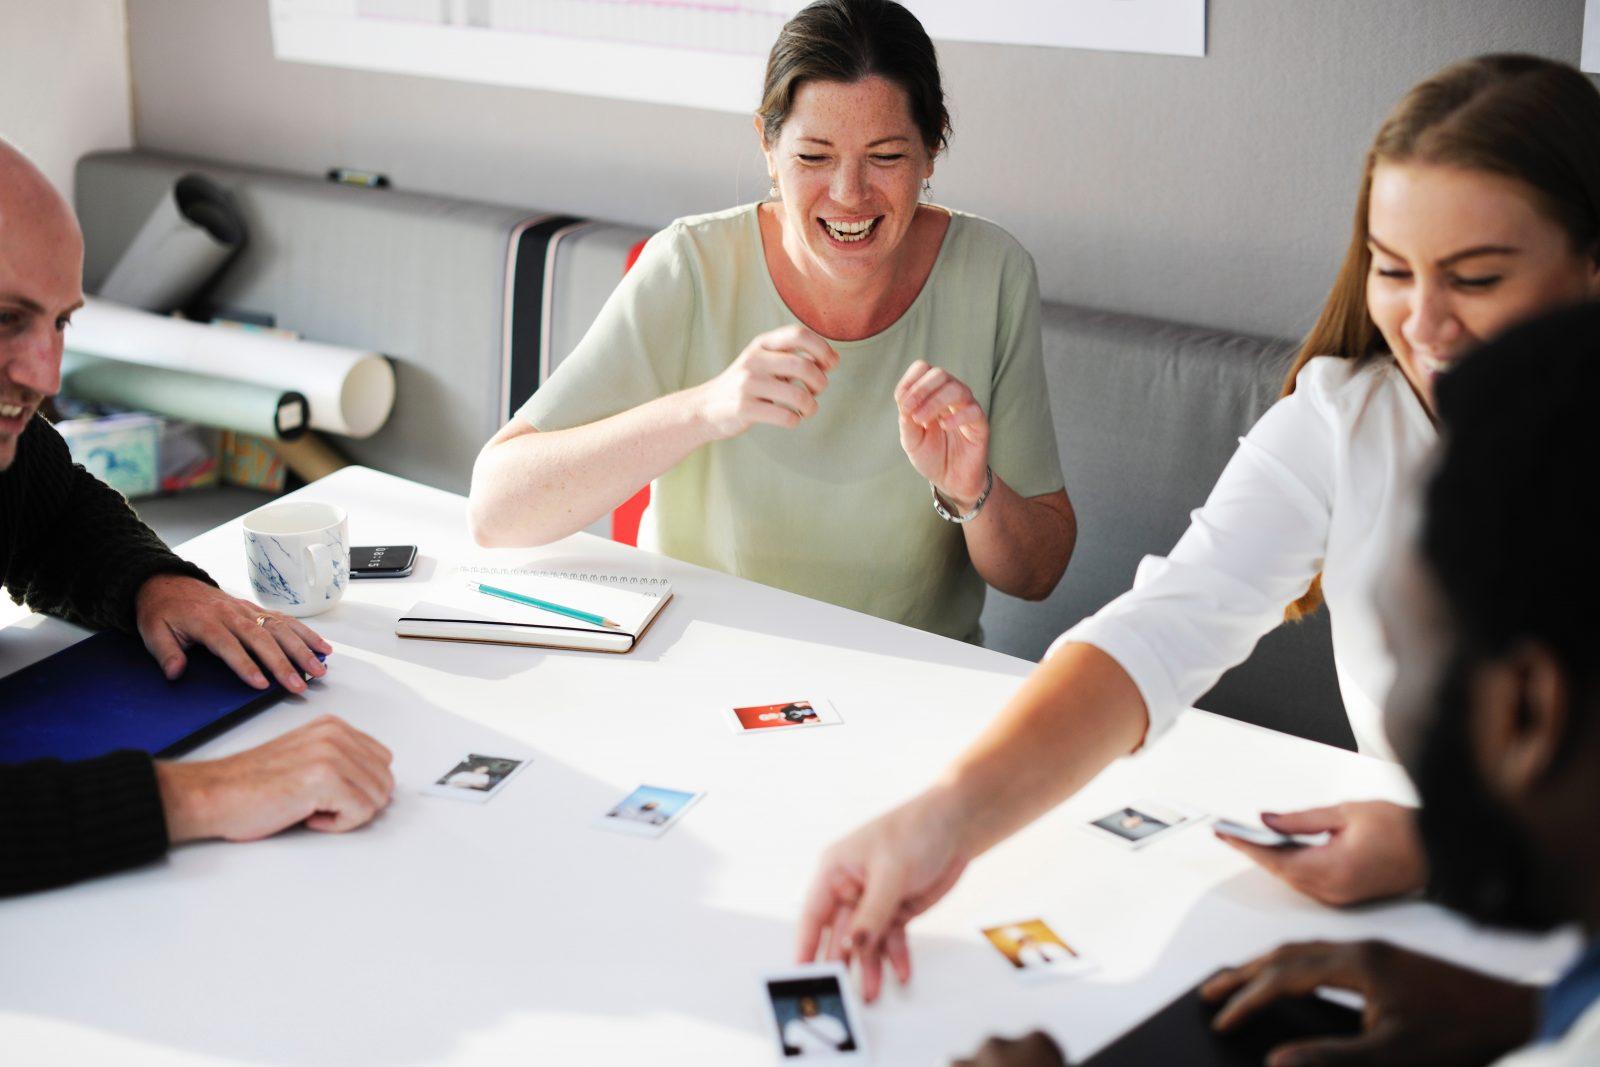 Chaotische Team-Meetings? 30 Kriterien für mehr Produktivität [Checkliste]